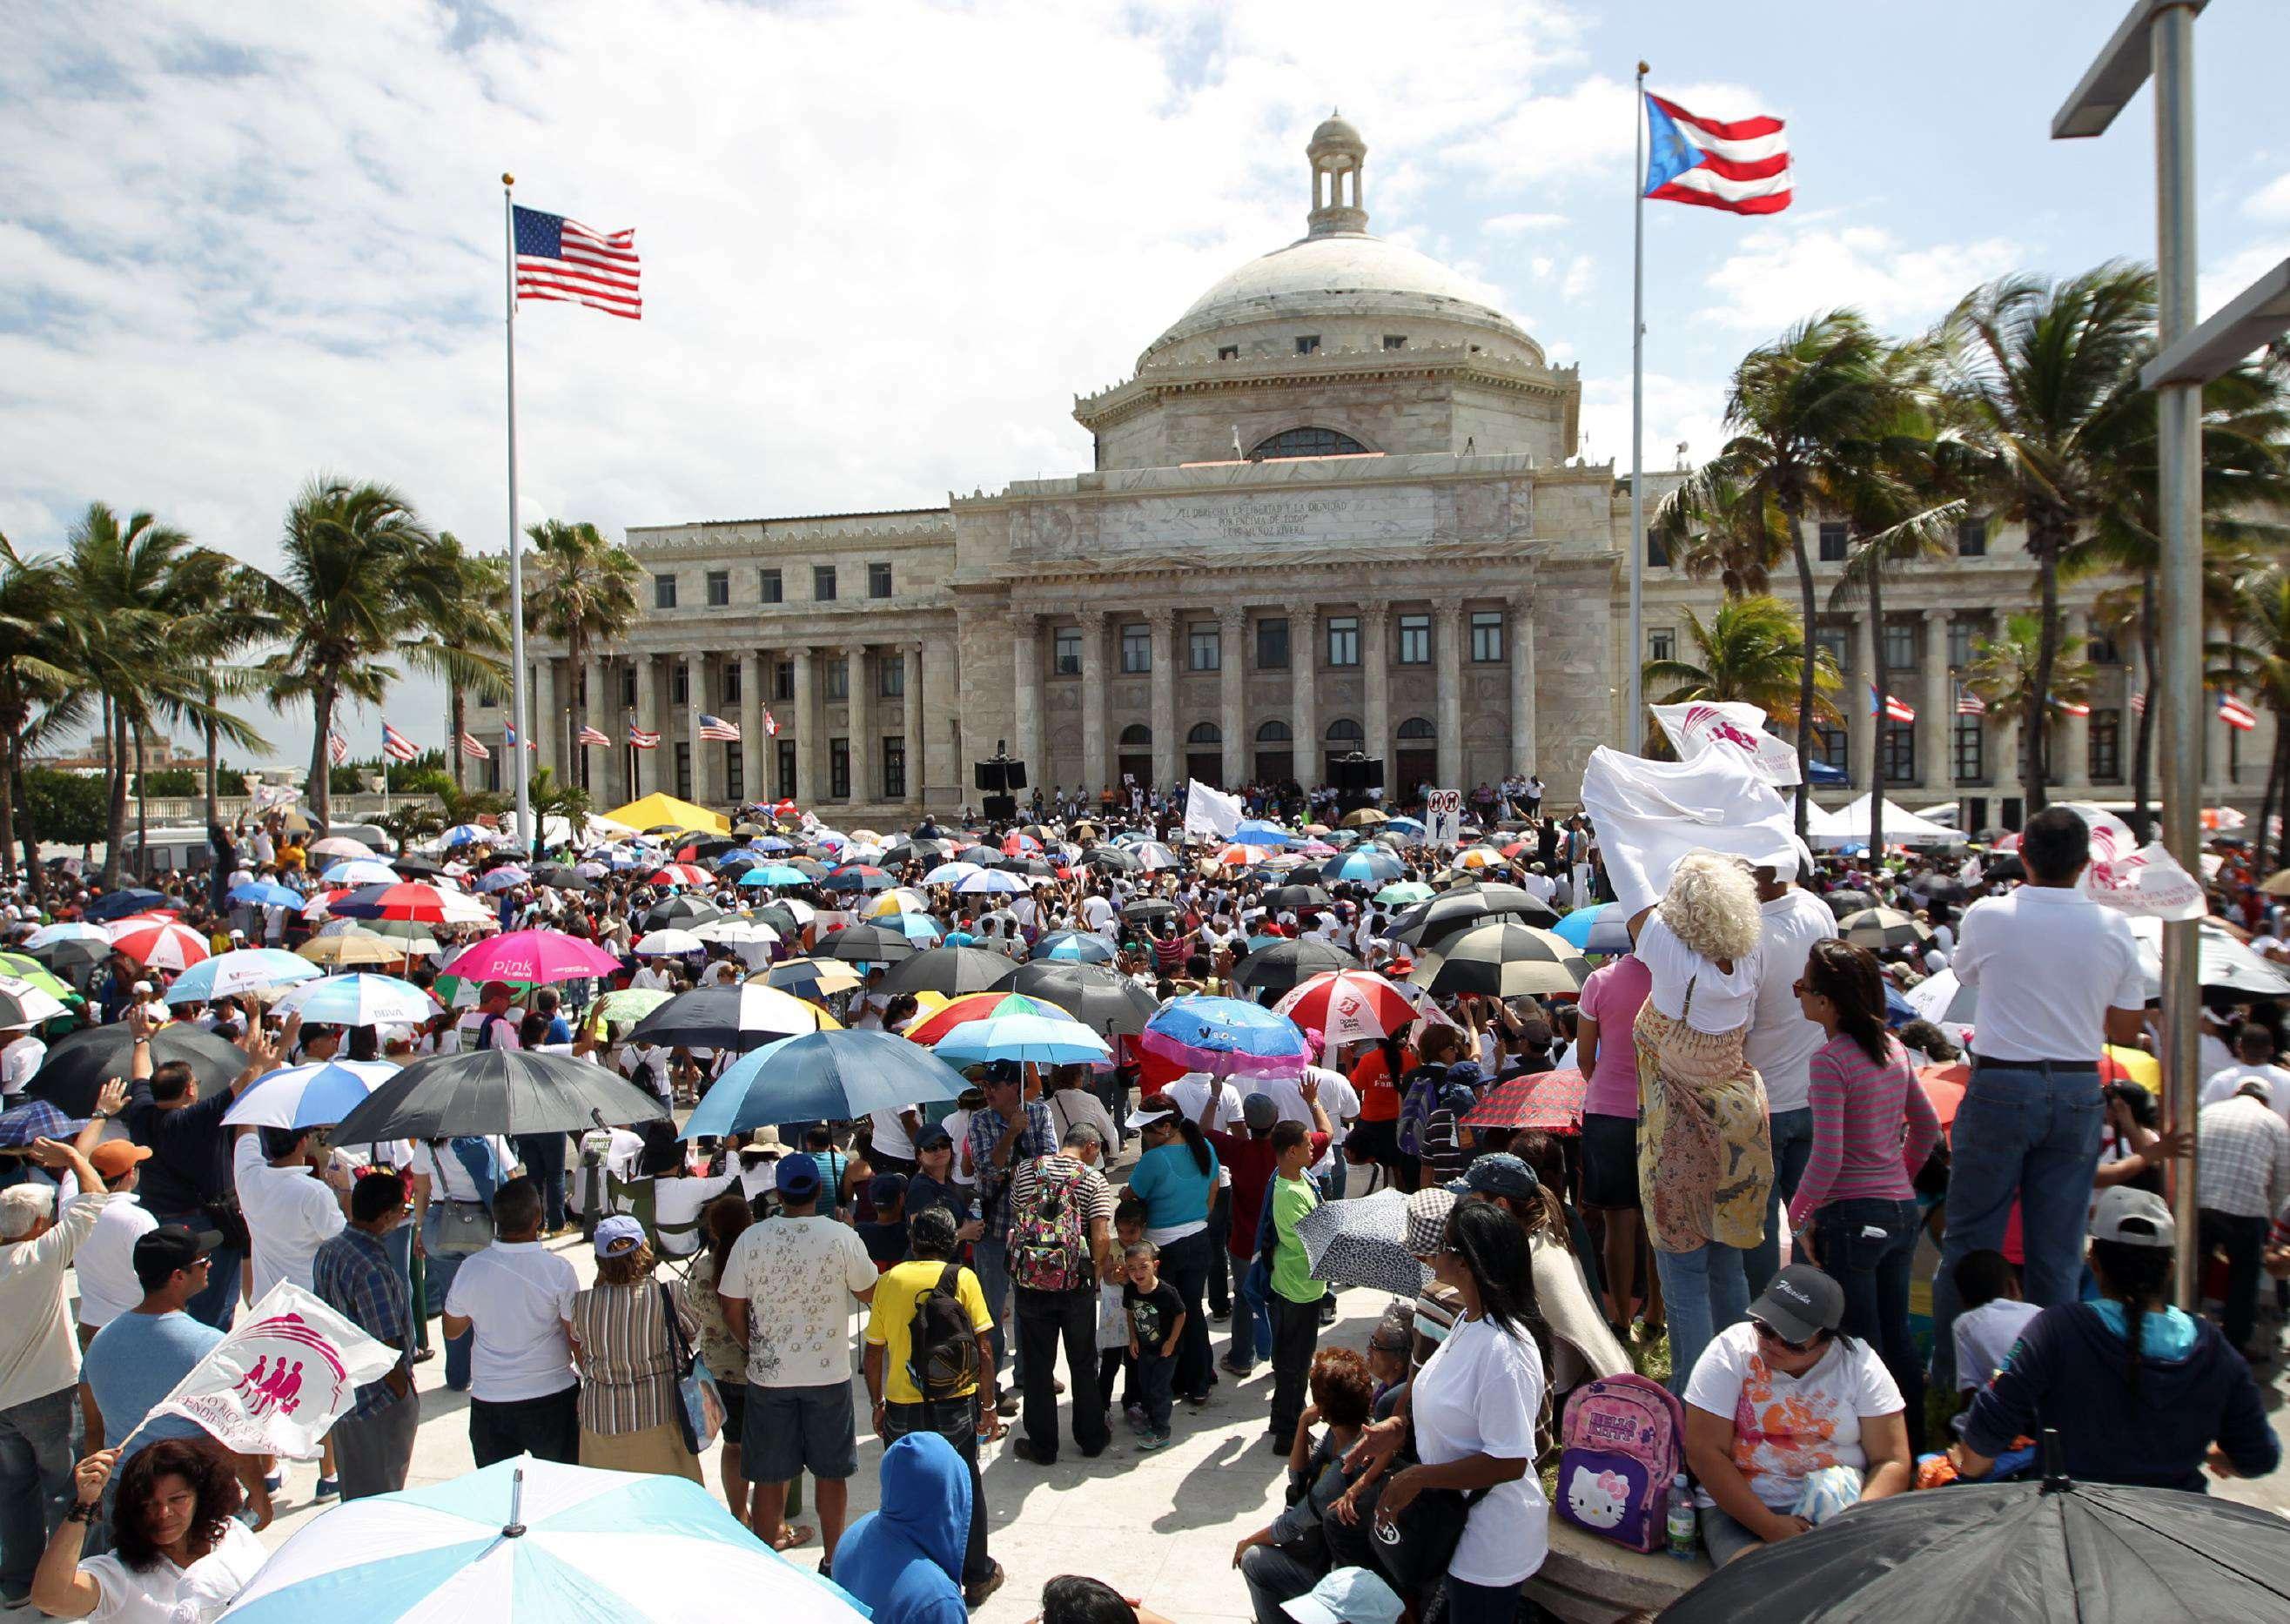 El Código Civil en Puerto Rico solo reconoce el matrimonio como la unión entre hombre y mujer. Foto: Archivo/AP en español